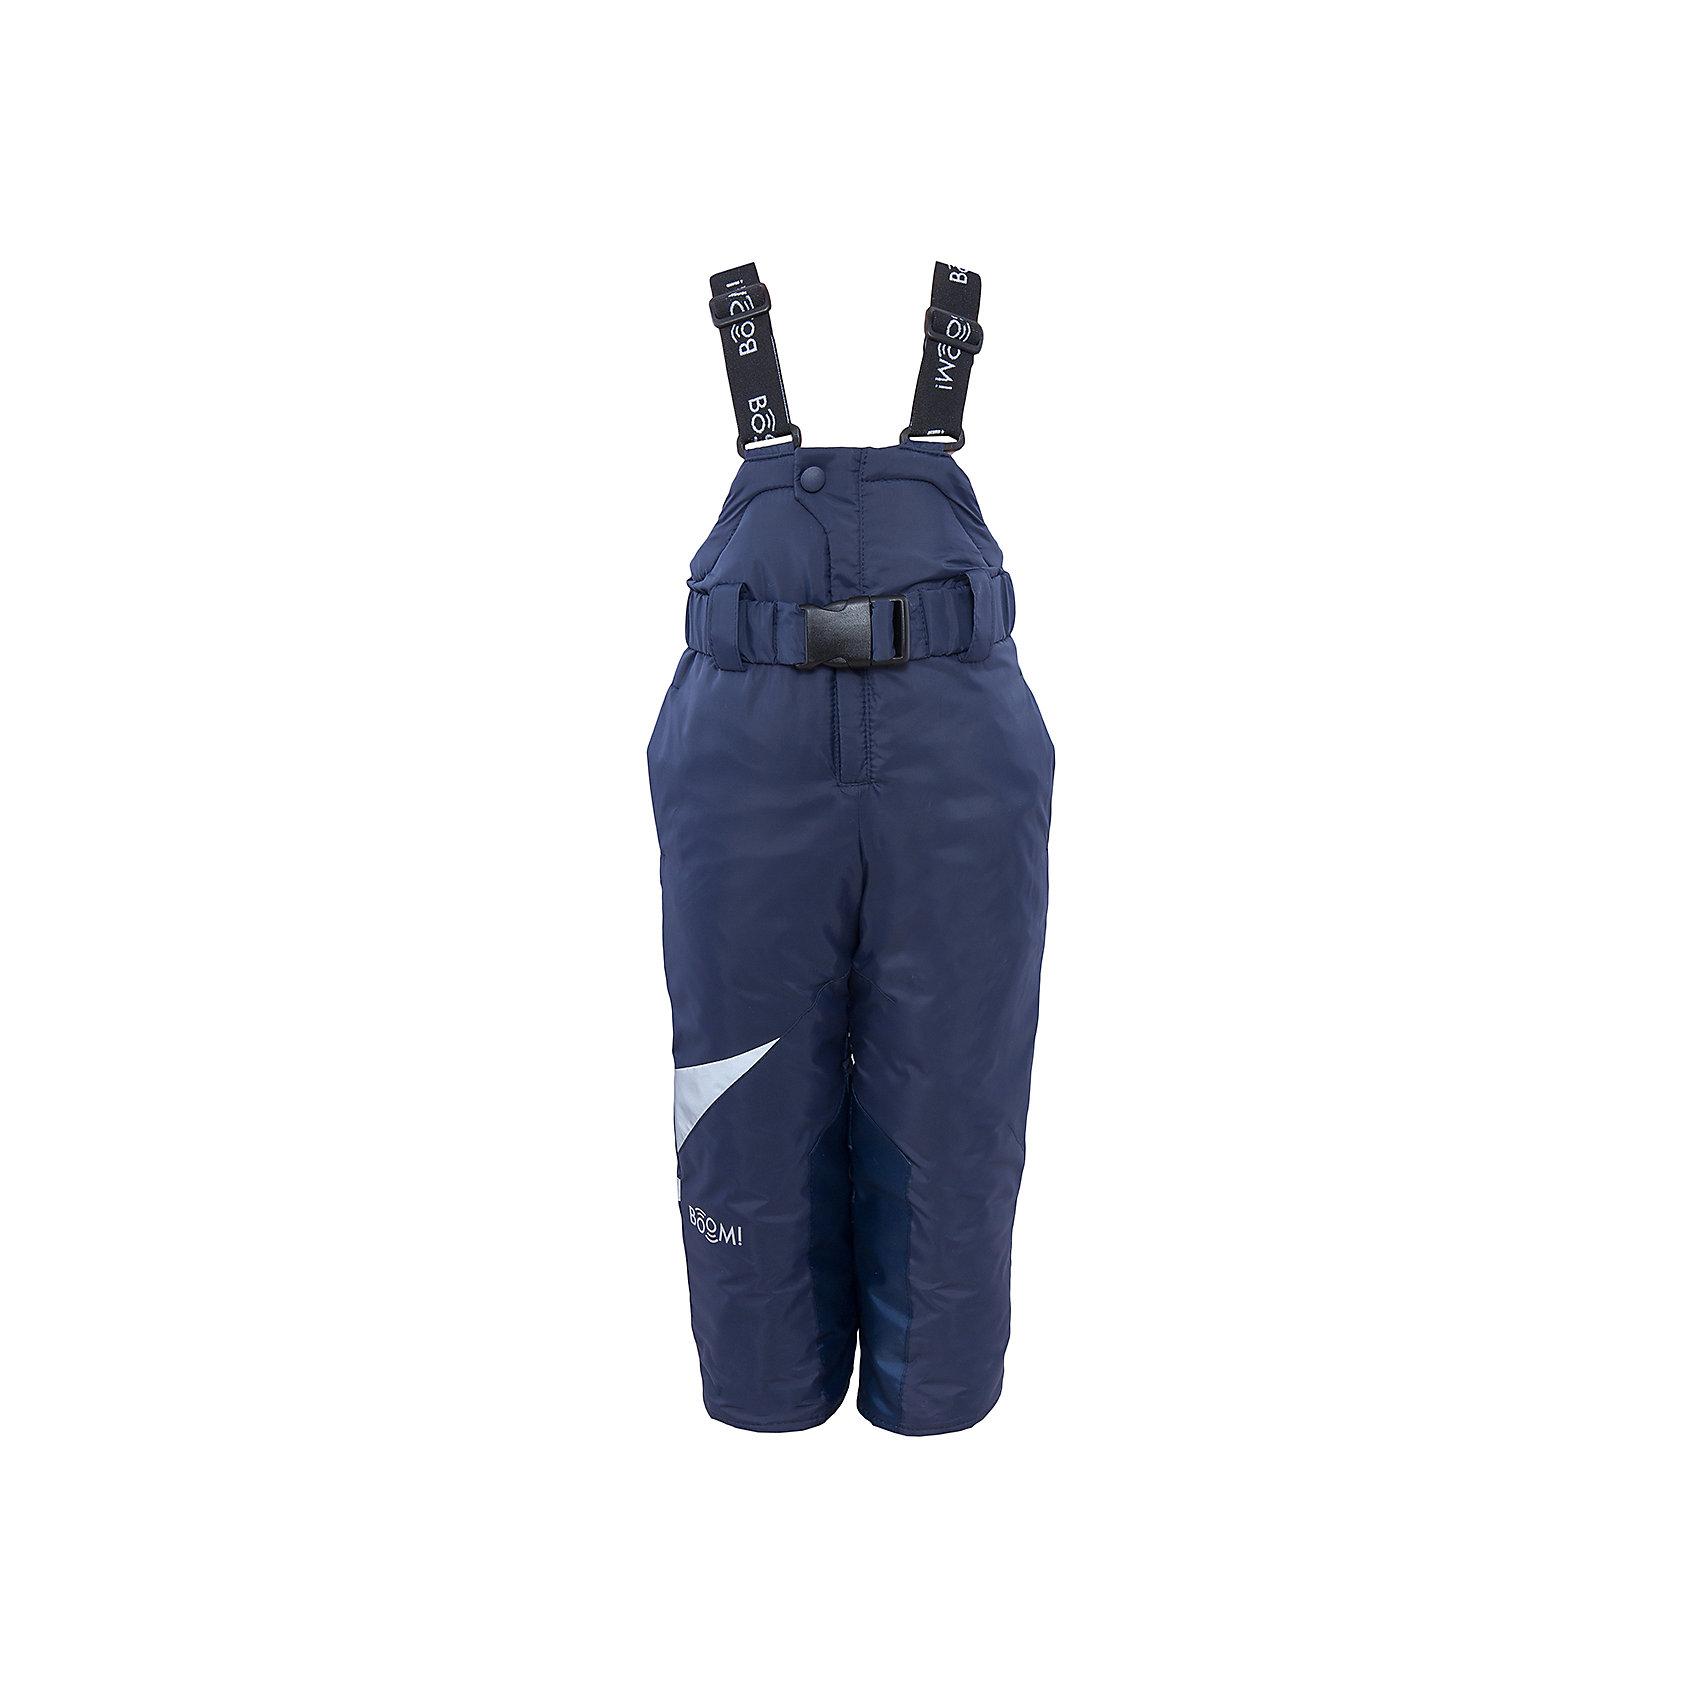 Полукомбинезон для мальчика BOOM by OrbyВерхняя одежда<br>Характеристики изделия:<br><br>- материа л верха: 100% полиэстер;;<br>- подкладка: ПЭ, флис;<br>- утеплитель: эко-синтепон 200 г/м2; <br>- фурнитура: металл, пластик;<br>- застежка: молния;<br>- регулируемые лямки;<br>- эластичный пояс;<br>- светоотражающие детали;<br>- температурный режим до -30°С<br><br>В холодный сезон важно одеть ребенка комфортно и тепло. Этот стильный и теплый полукомбинезон позволит мальчику наслаждаться зимним отдыхом, не боясь замерзнуть, и выглядеть при этом очень стильно.<br>Изделие плотно сидит благодаря продуманному крою и надежным застежкам. Оно смотрится очень эффектно благодаря стильному дизайну. Полукомбинезон дополнен карманами и эластичным поясом.<br><br>Полукомбинезон для мальчика от бренда BOOM by Orby можно купить в нашем магазине.<br><br>Ширина мм: 215<br>Глубина мм: 88<br>Высота мм: 191<br>Вес г: 336<br>Цвет: синий<br>Возраст от месяцев: 12<br>Возраст до месяцев: 15<br>Пол: Мужской<br>Возраст: Детский<br>Размер: 80,98,152,128,104,134,86,92,146,158,122,110,116,140<br>SKU: 4982824